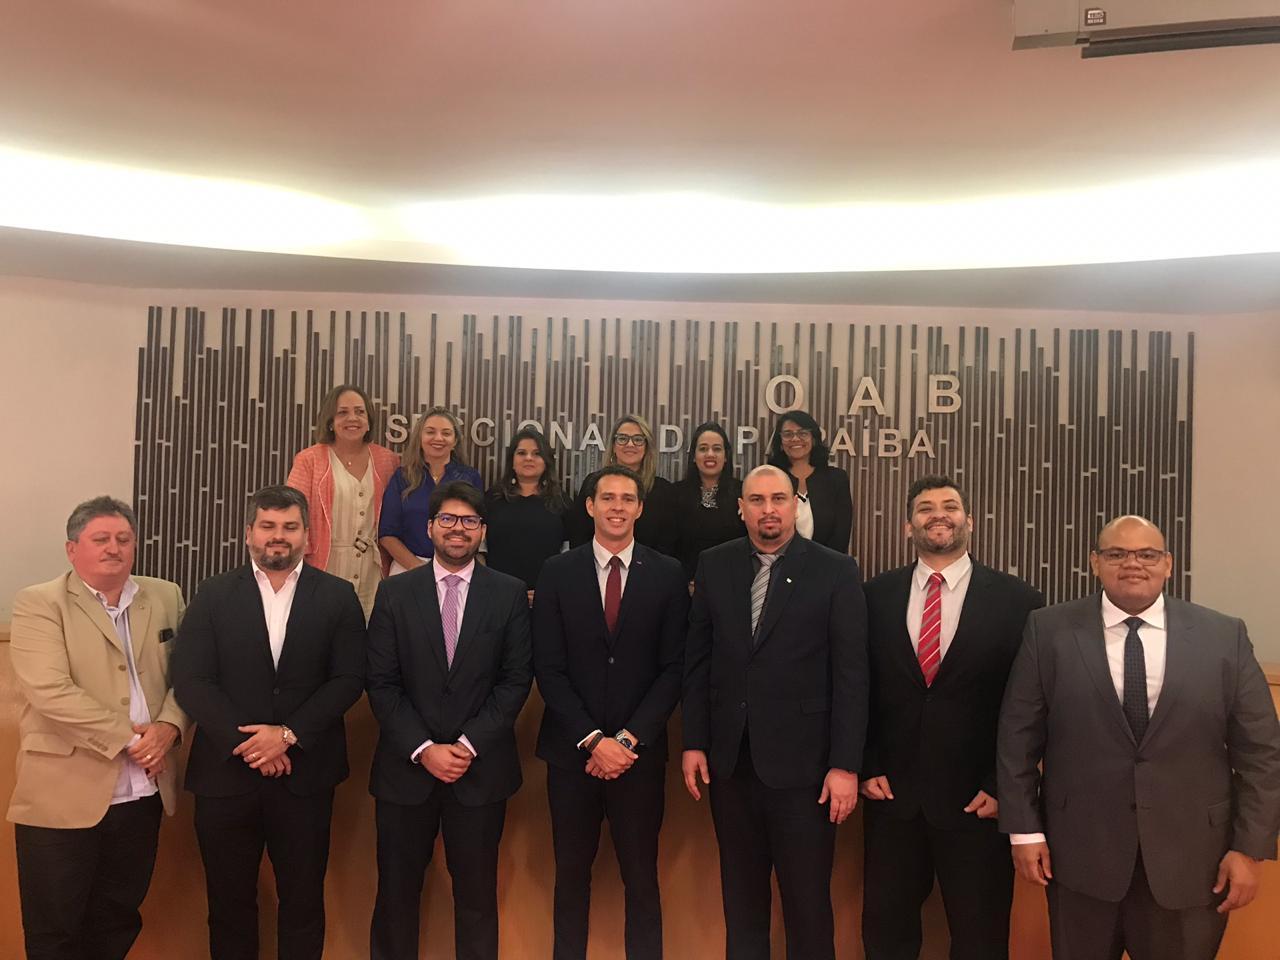 Segunda Câmara da OAB-PB inicia reuniões e discute processos